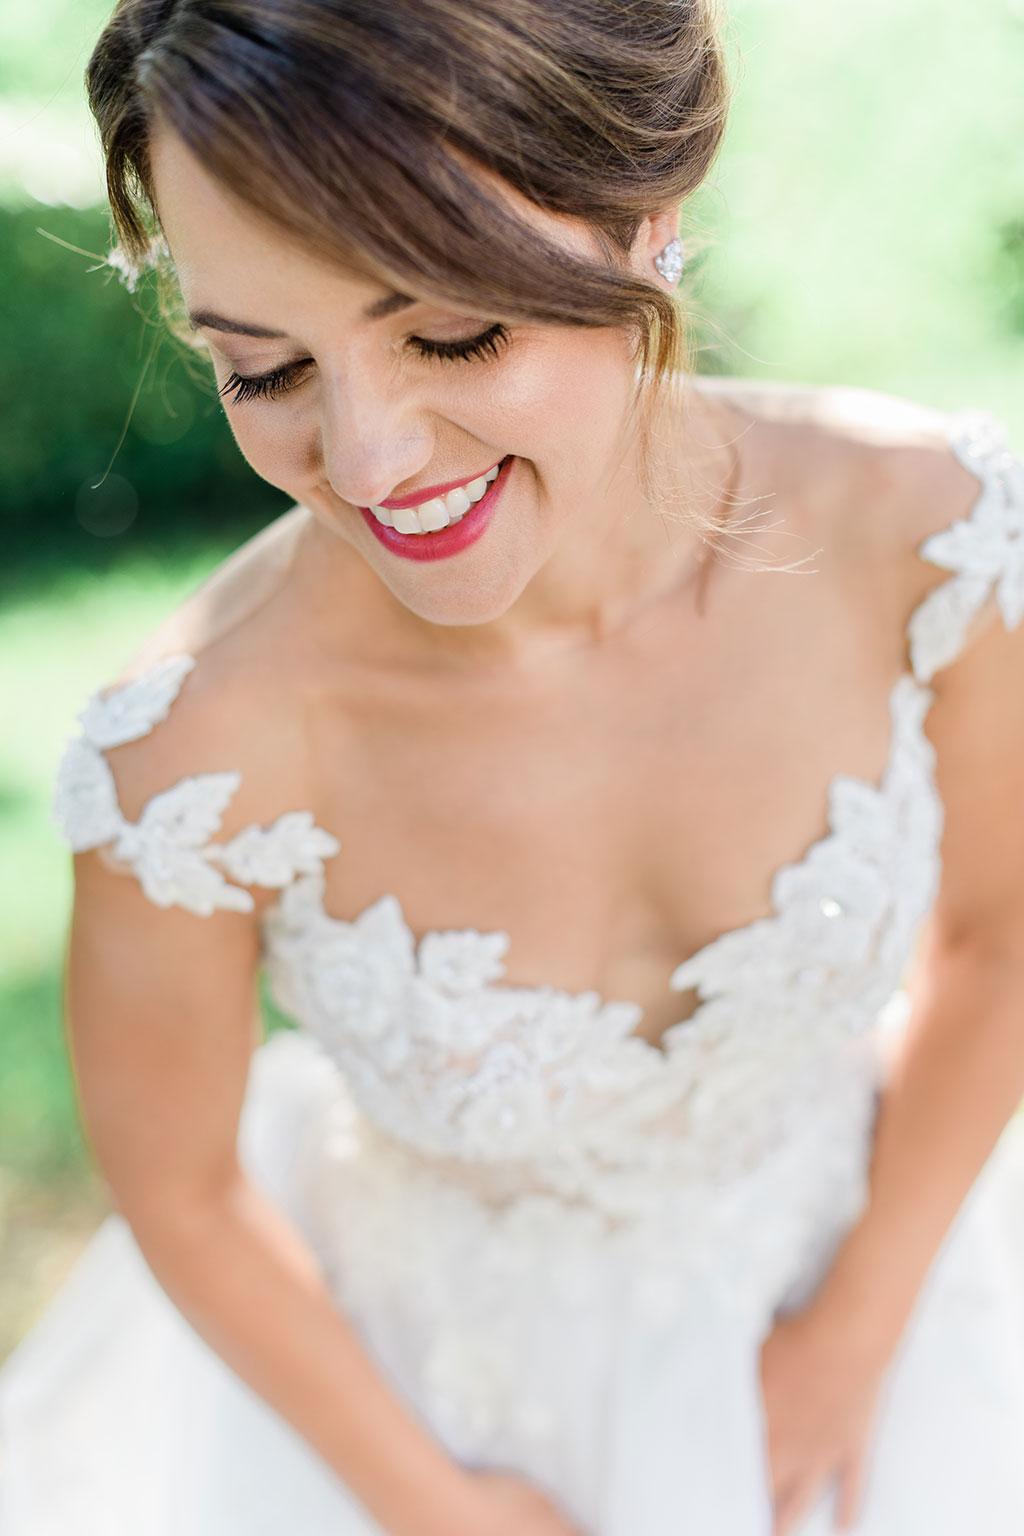 Μια χαμογελαστή νύφη από Φωτογράφιση γάμου στην Θεσσαλονίκη